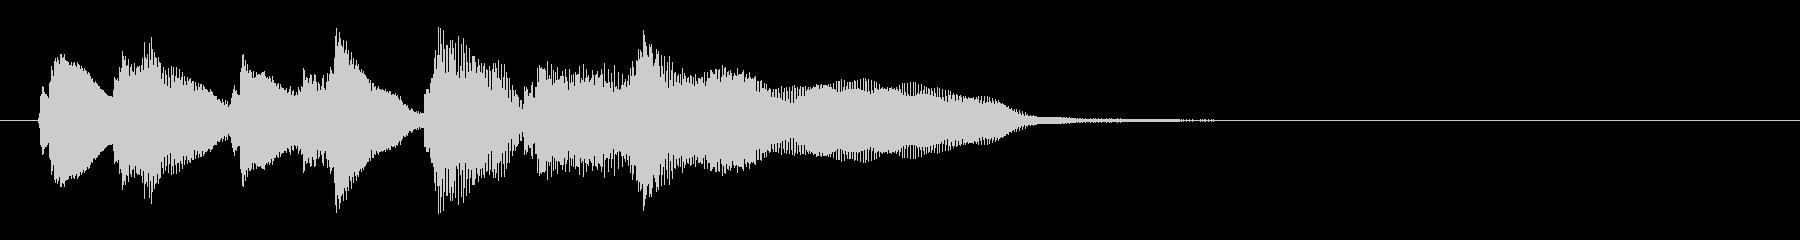 愉快な終わりの音ジングル鈴付きの未再生の波形